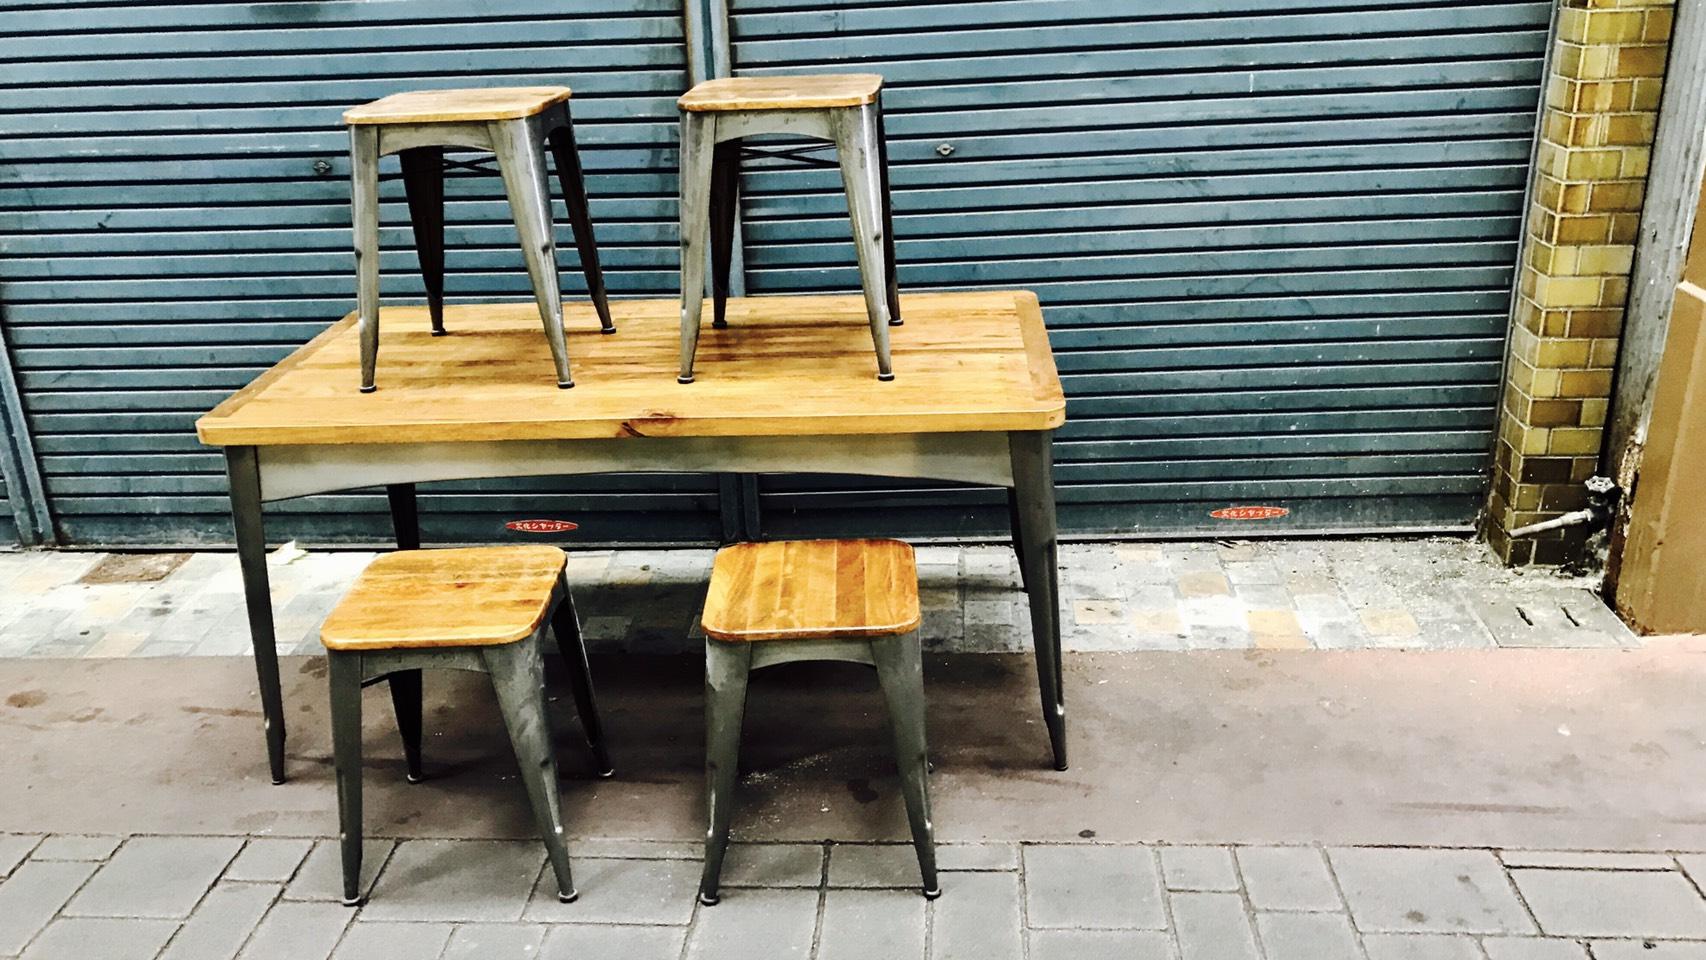 インダストリアルなダイニングテーブル買取させて頂きました。岡山倉敷の買取屋さん